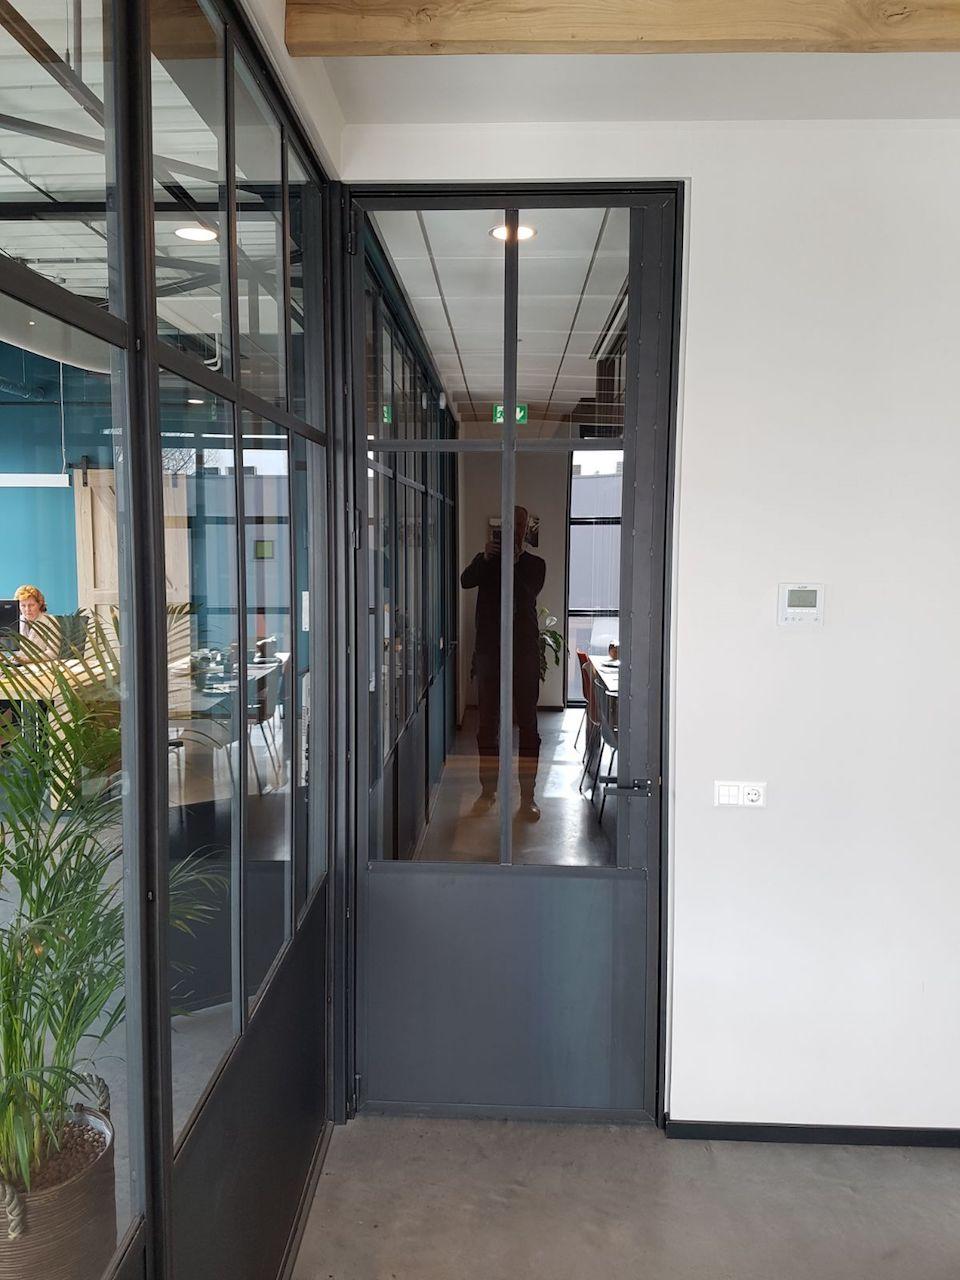 Stalen deur en stalen kozijn bij kantoor interieur